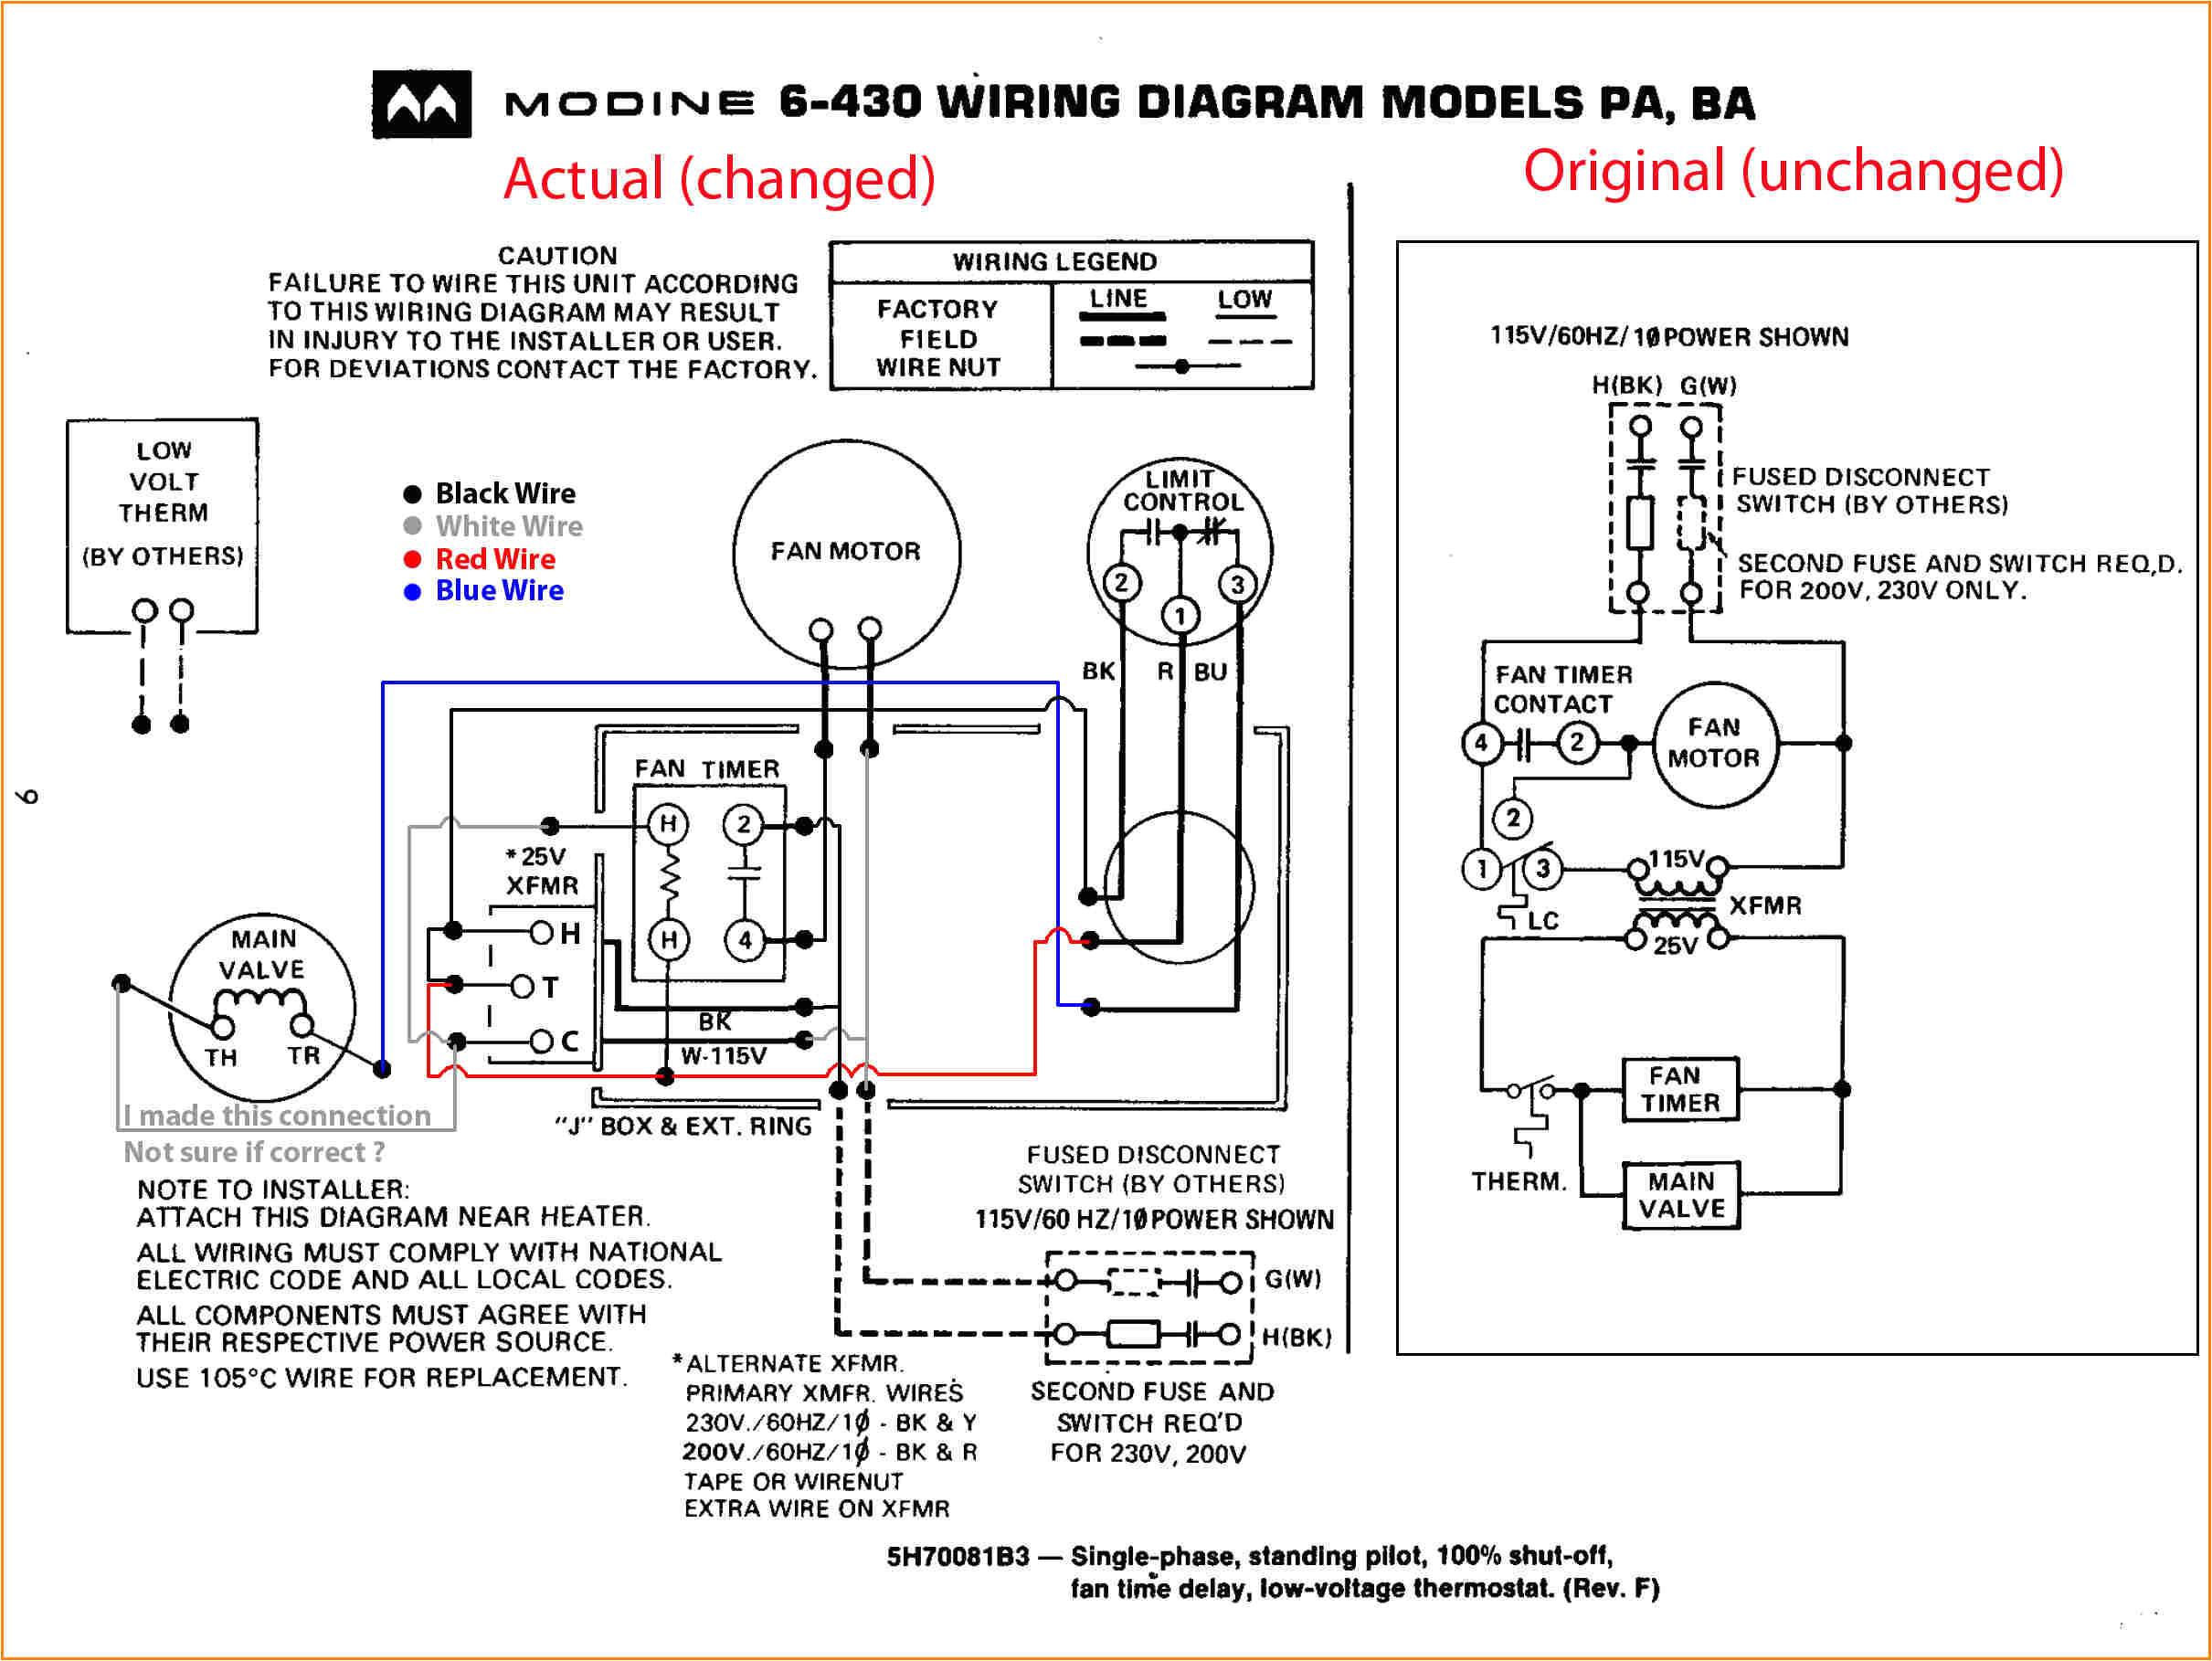 hvac wiring schematics 90 340 relay wiring diagrams pm white rodgers 90 380 relay wiring diagram white rodgers relay wiring diagram